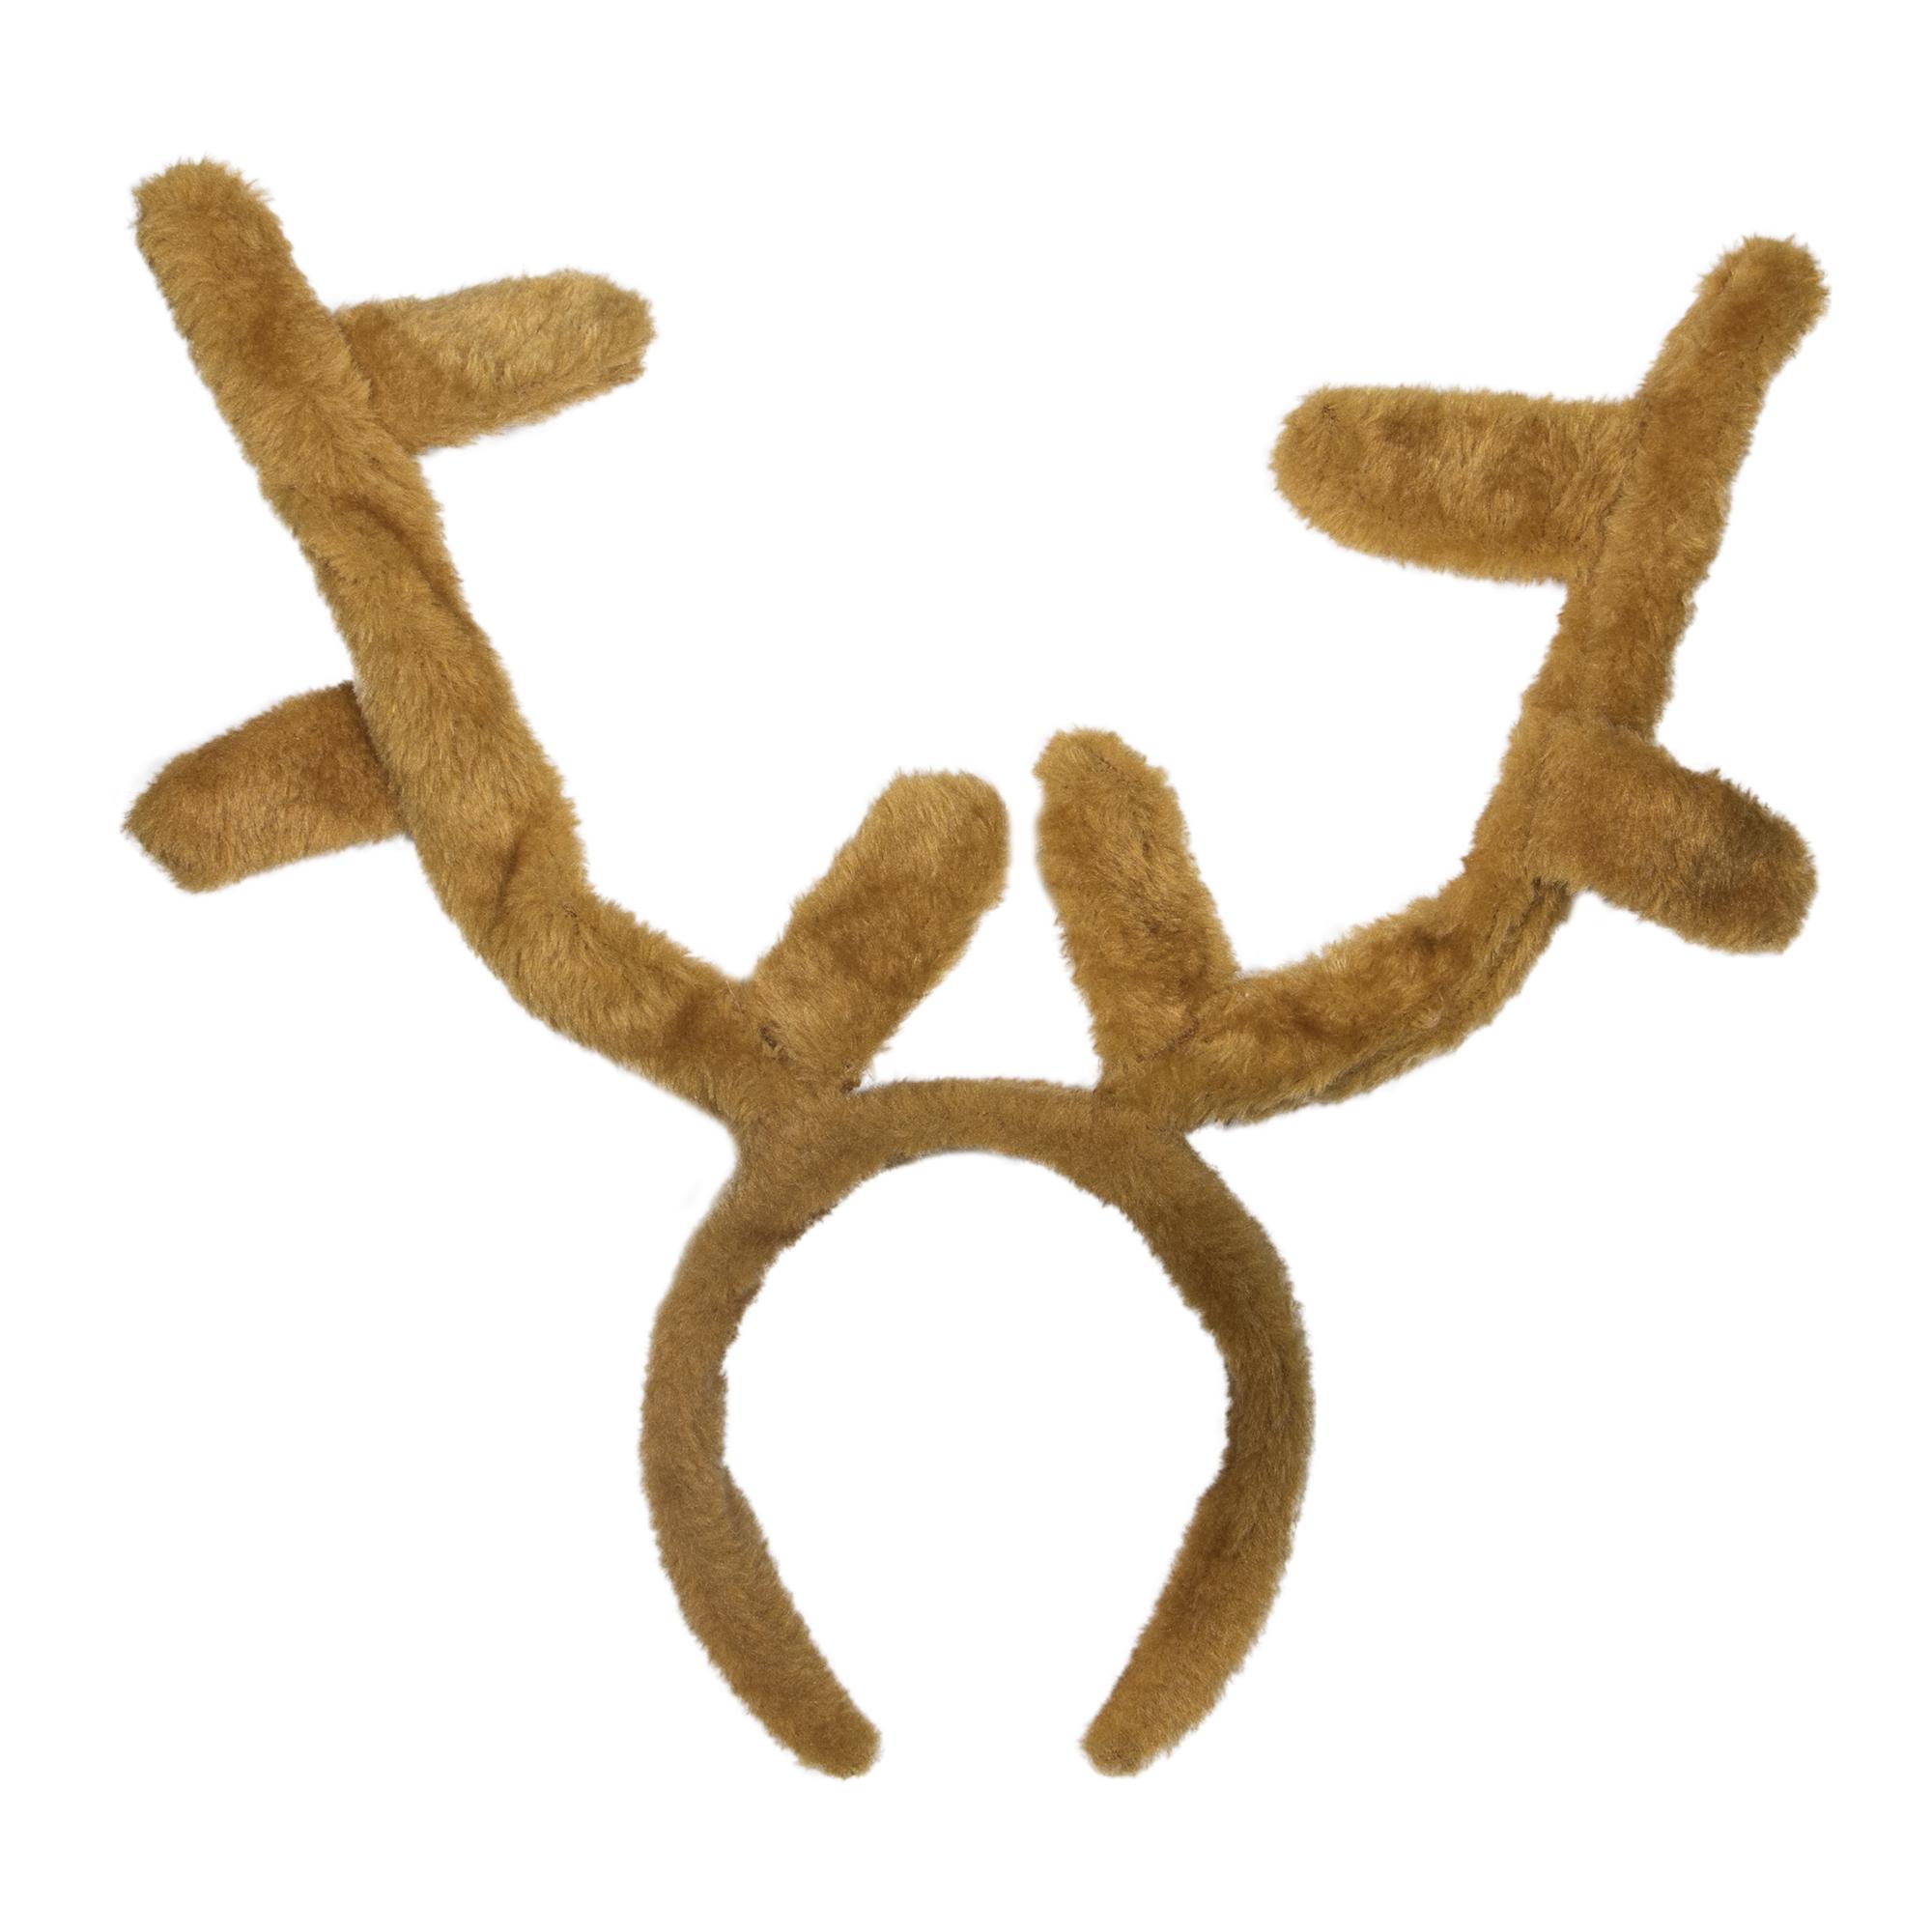 Particular 45ed09ba 958f 449f B343 6d0447b66a22hat052ea Reindeer Antlers Headband 2017 Reindeer Antlers Headband Amazon Reindeer Antlers Headband Target baby Reindeer Antlers Headband